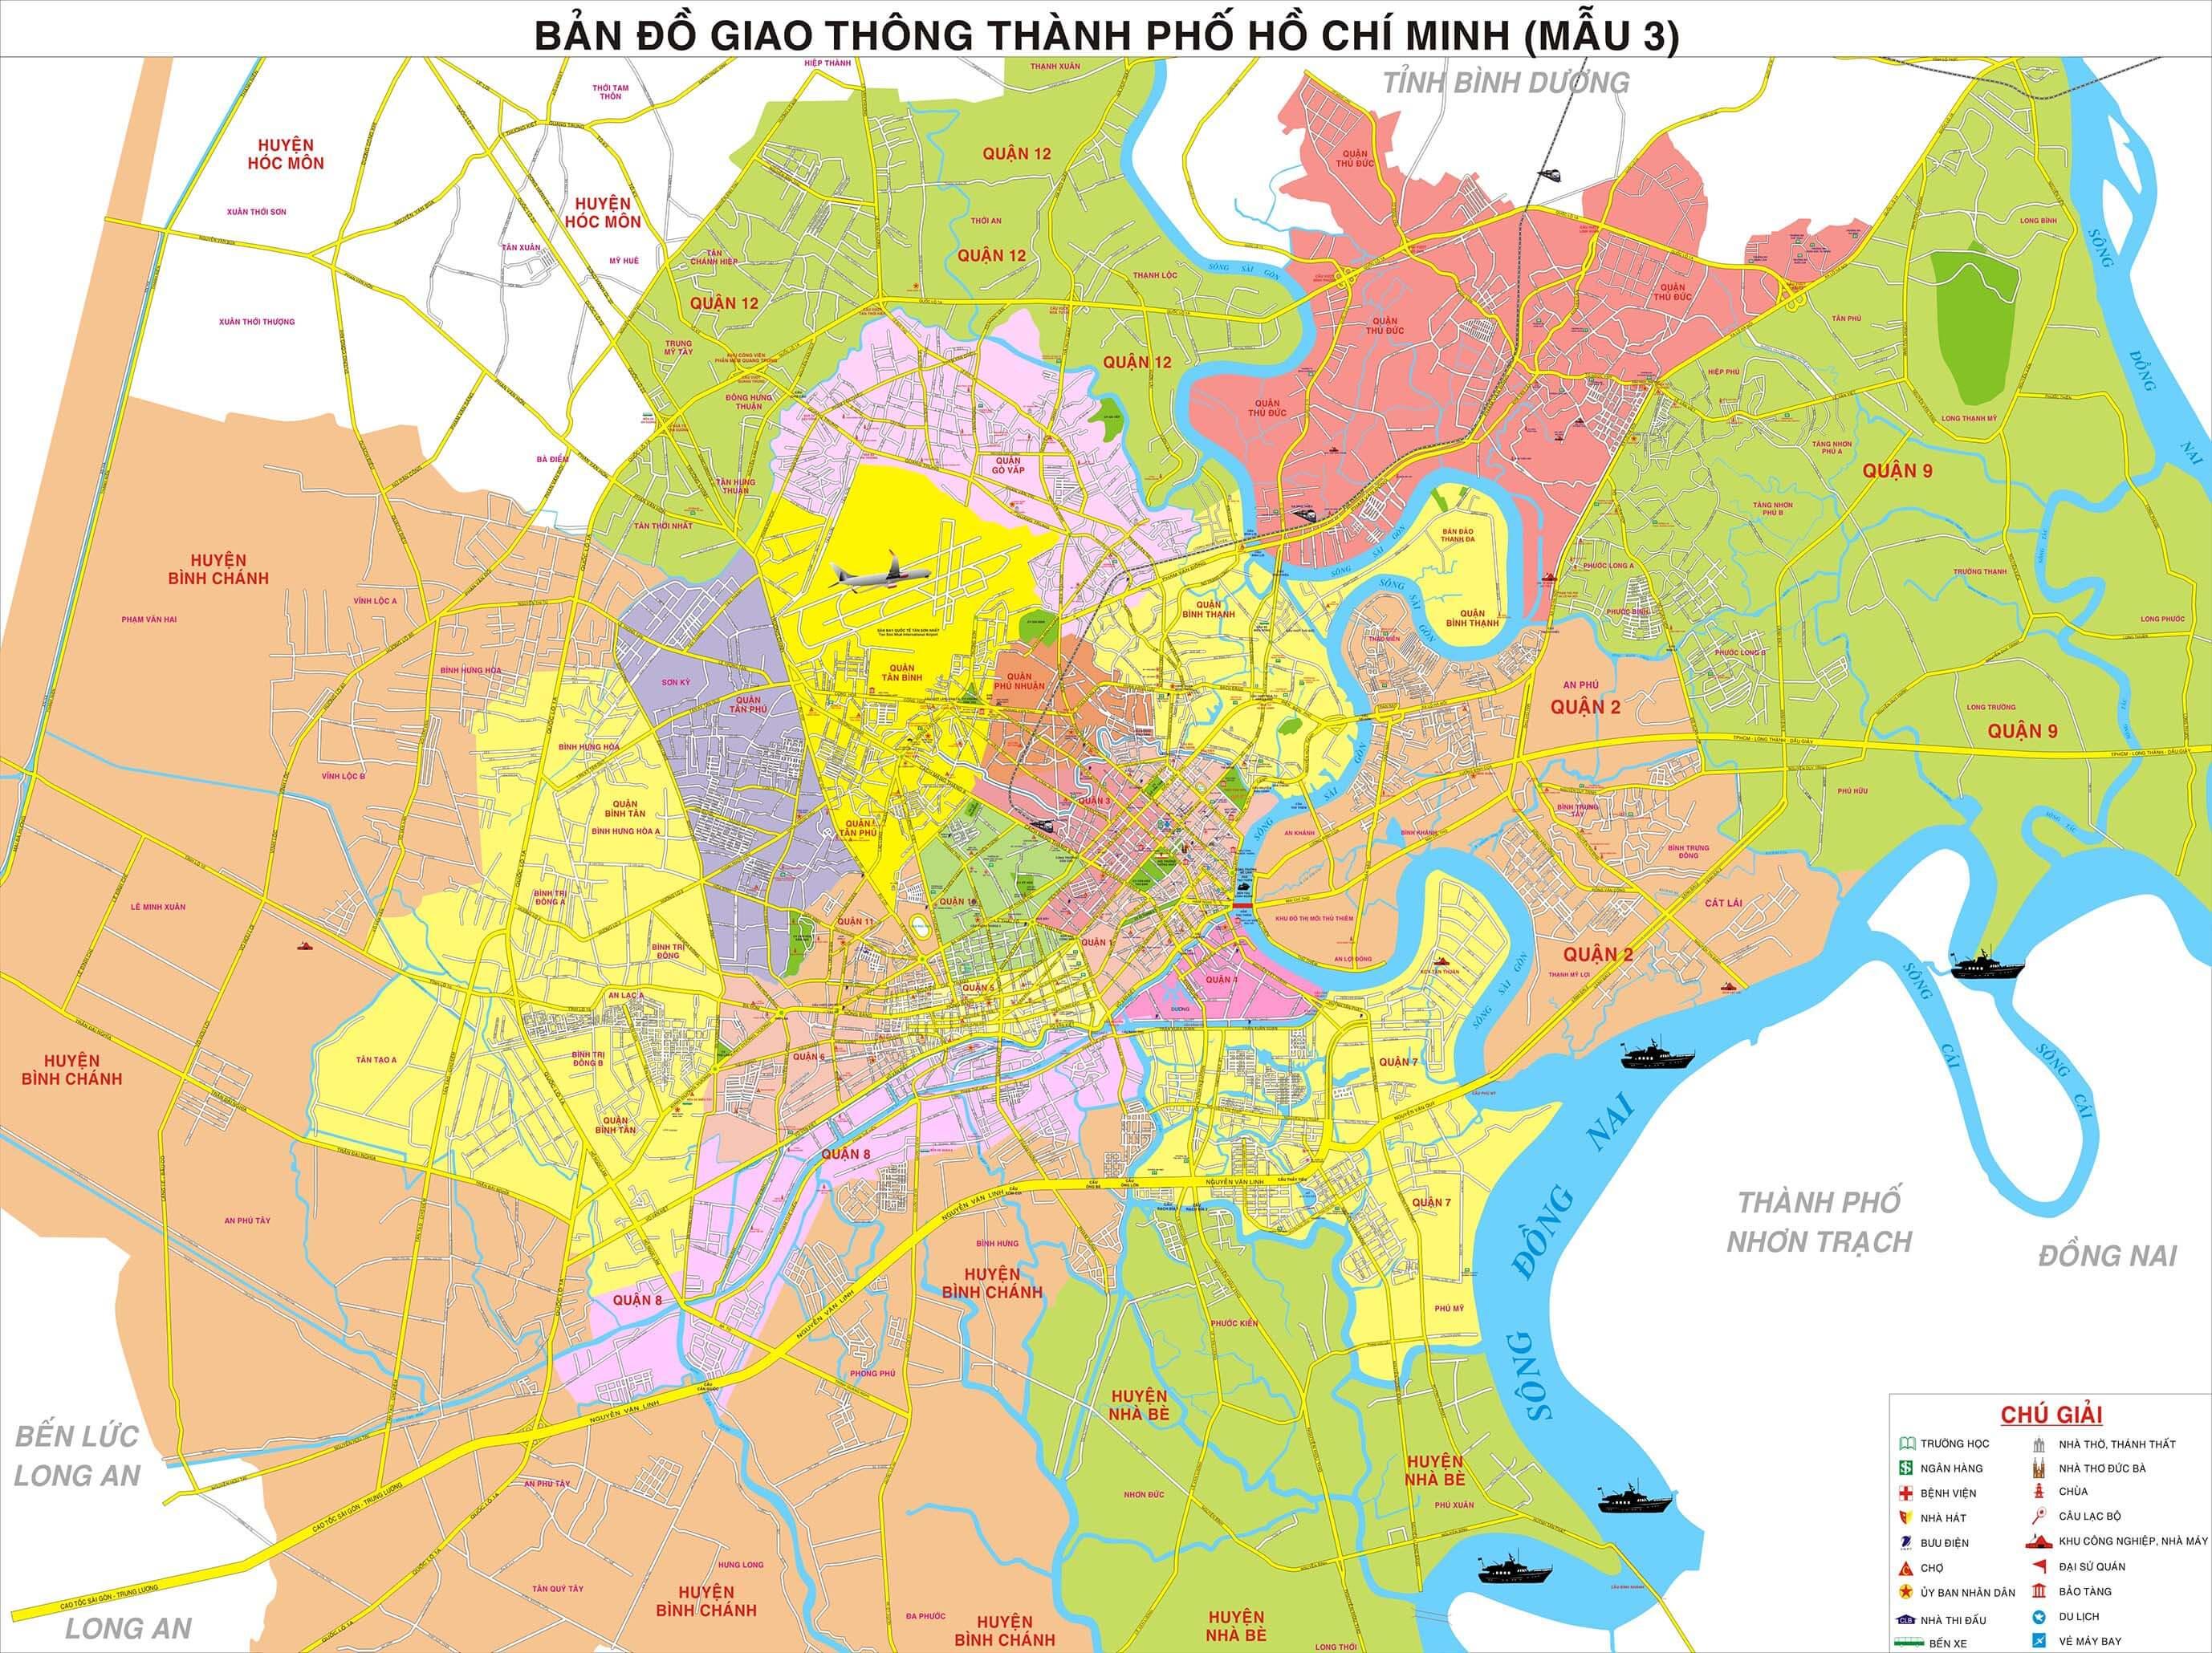 Bản Đồ Thành Phố Hồ Chí Minh Về Đường Xá